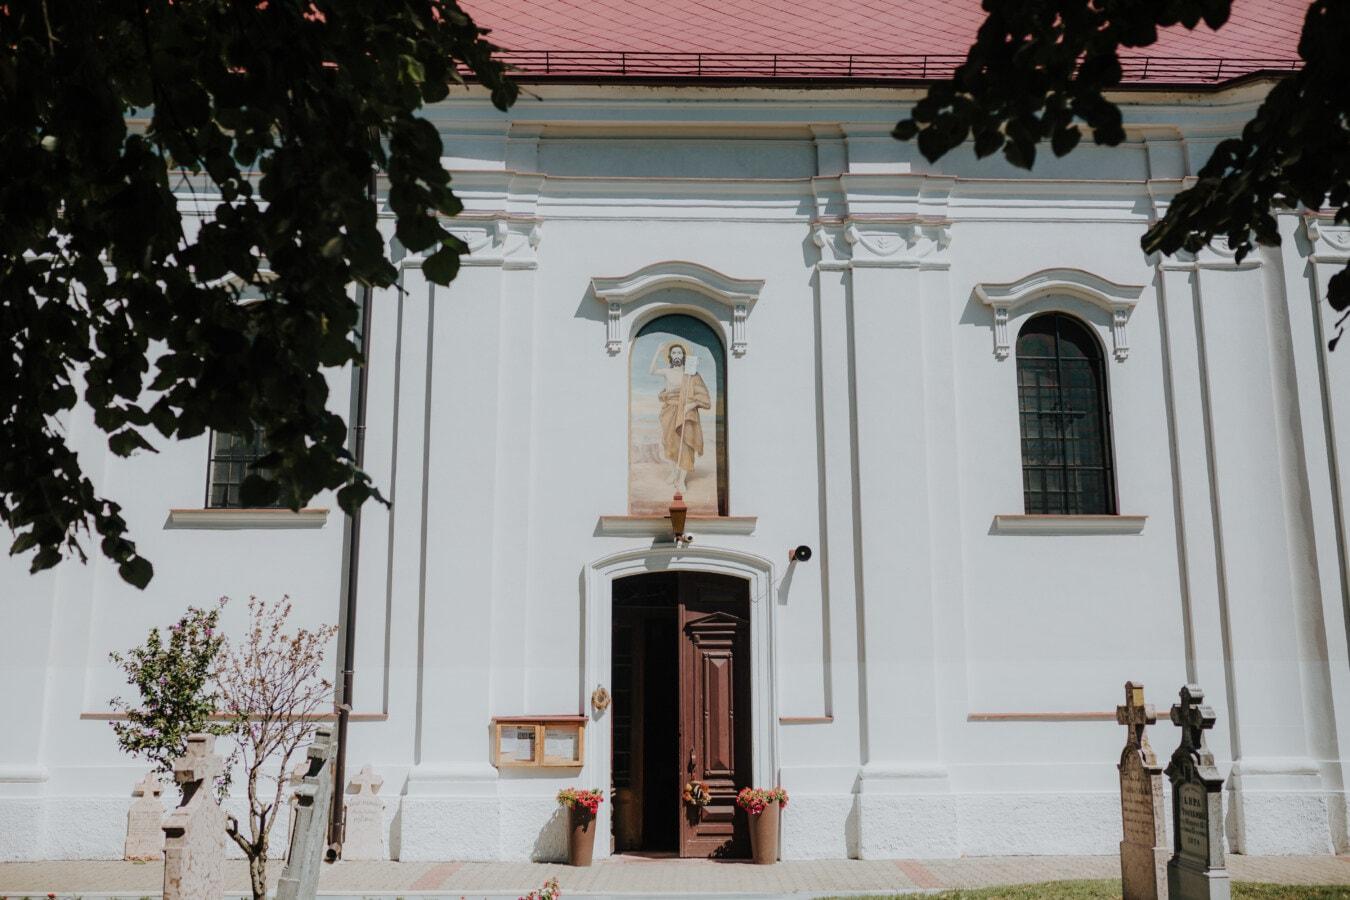 orthodoxe, Kirche, Tür, Hinterhof, Grab, Friedhof, Grabstein, Architektur, Fenster, Kunst